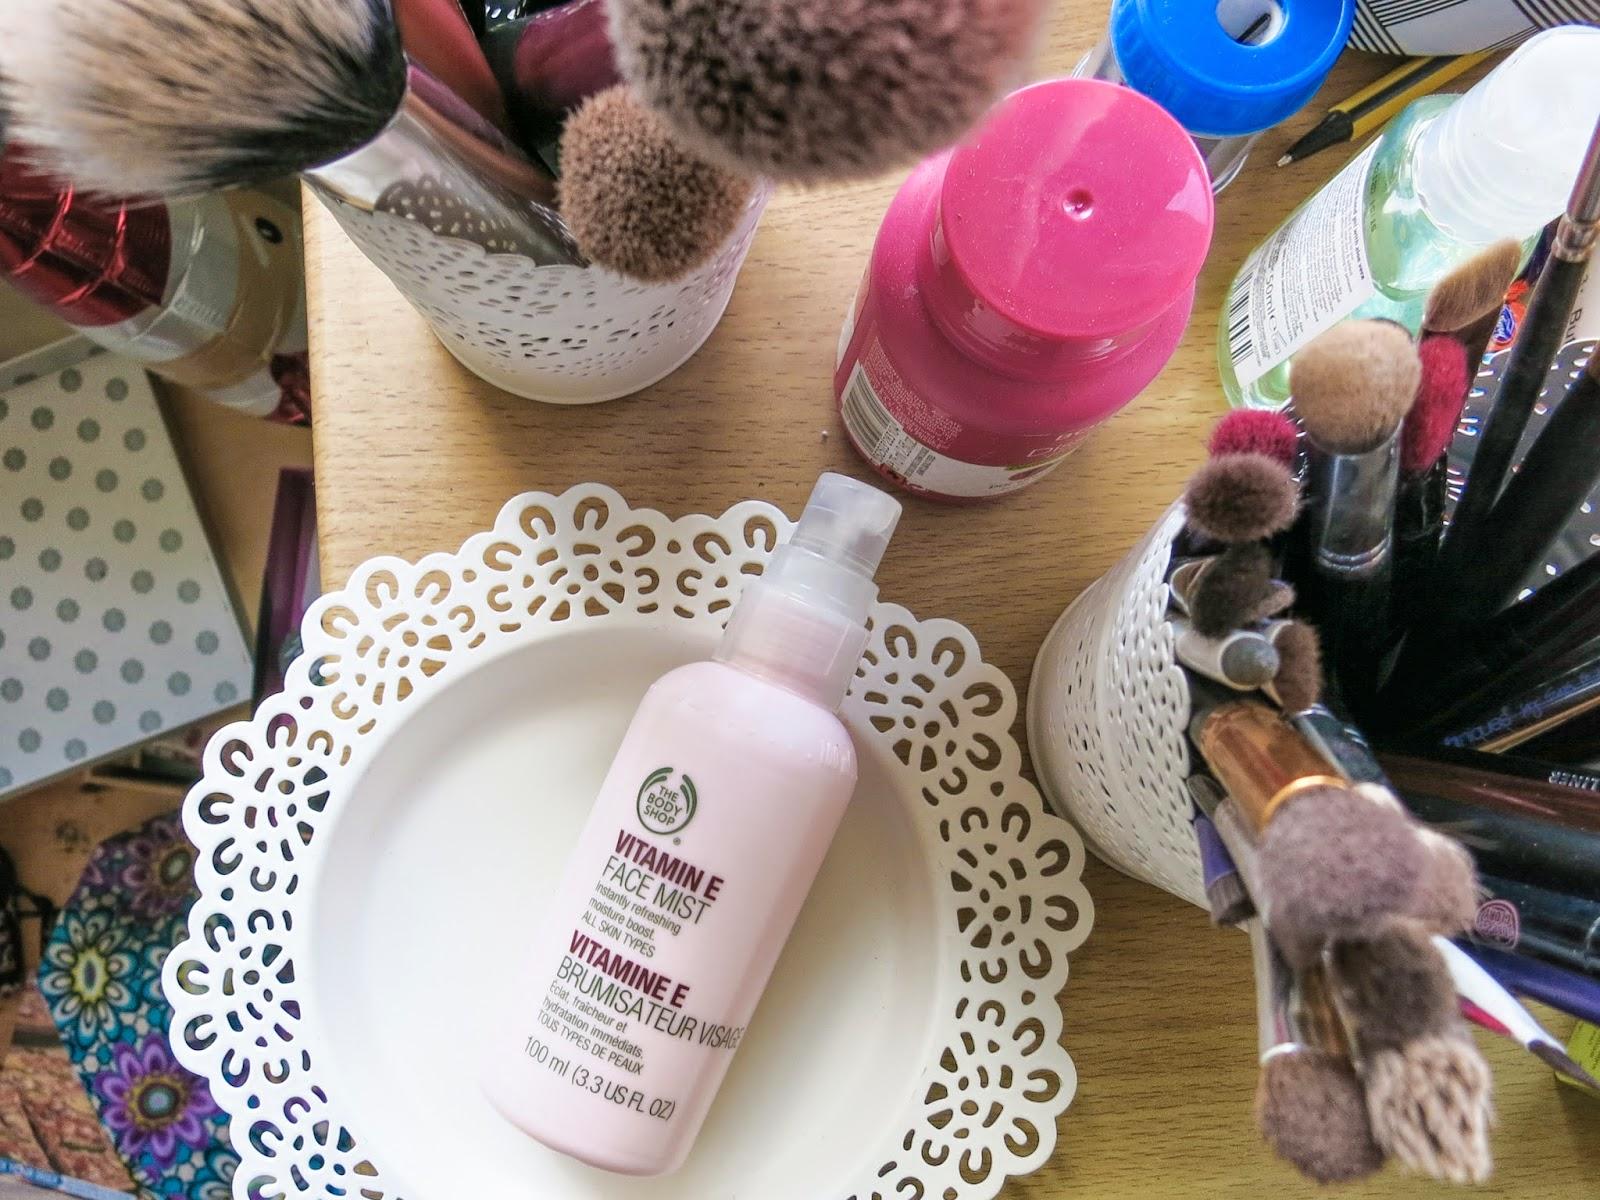 The Body Shop's Vitamin E Face Mist